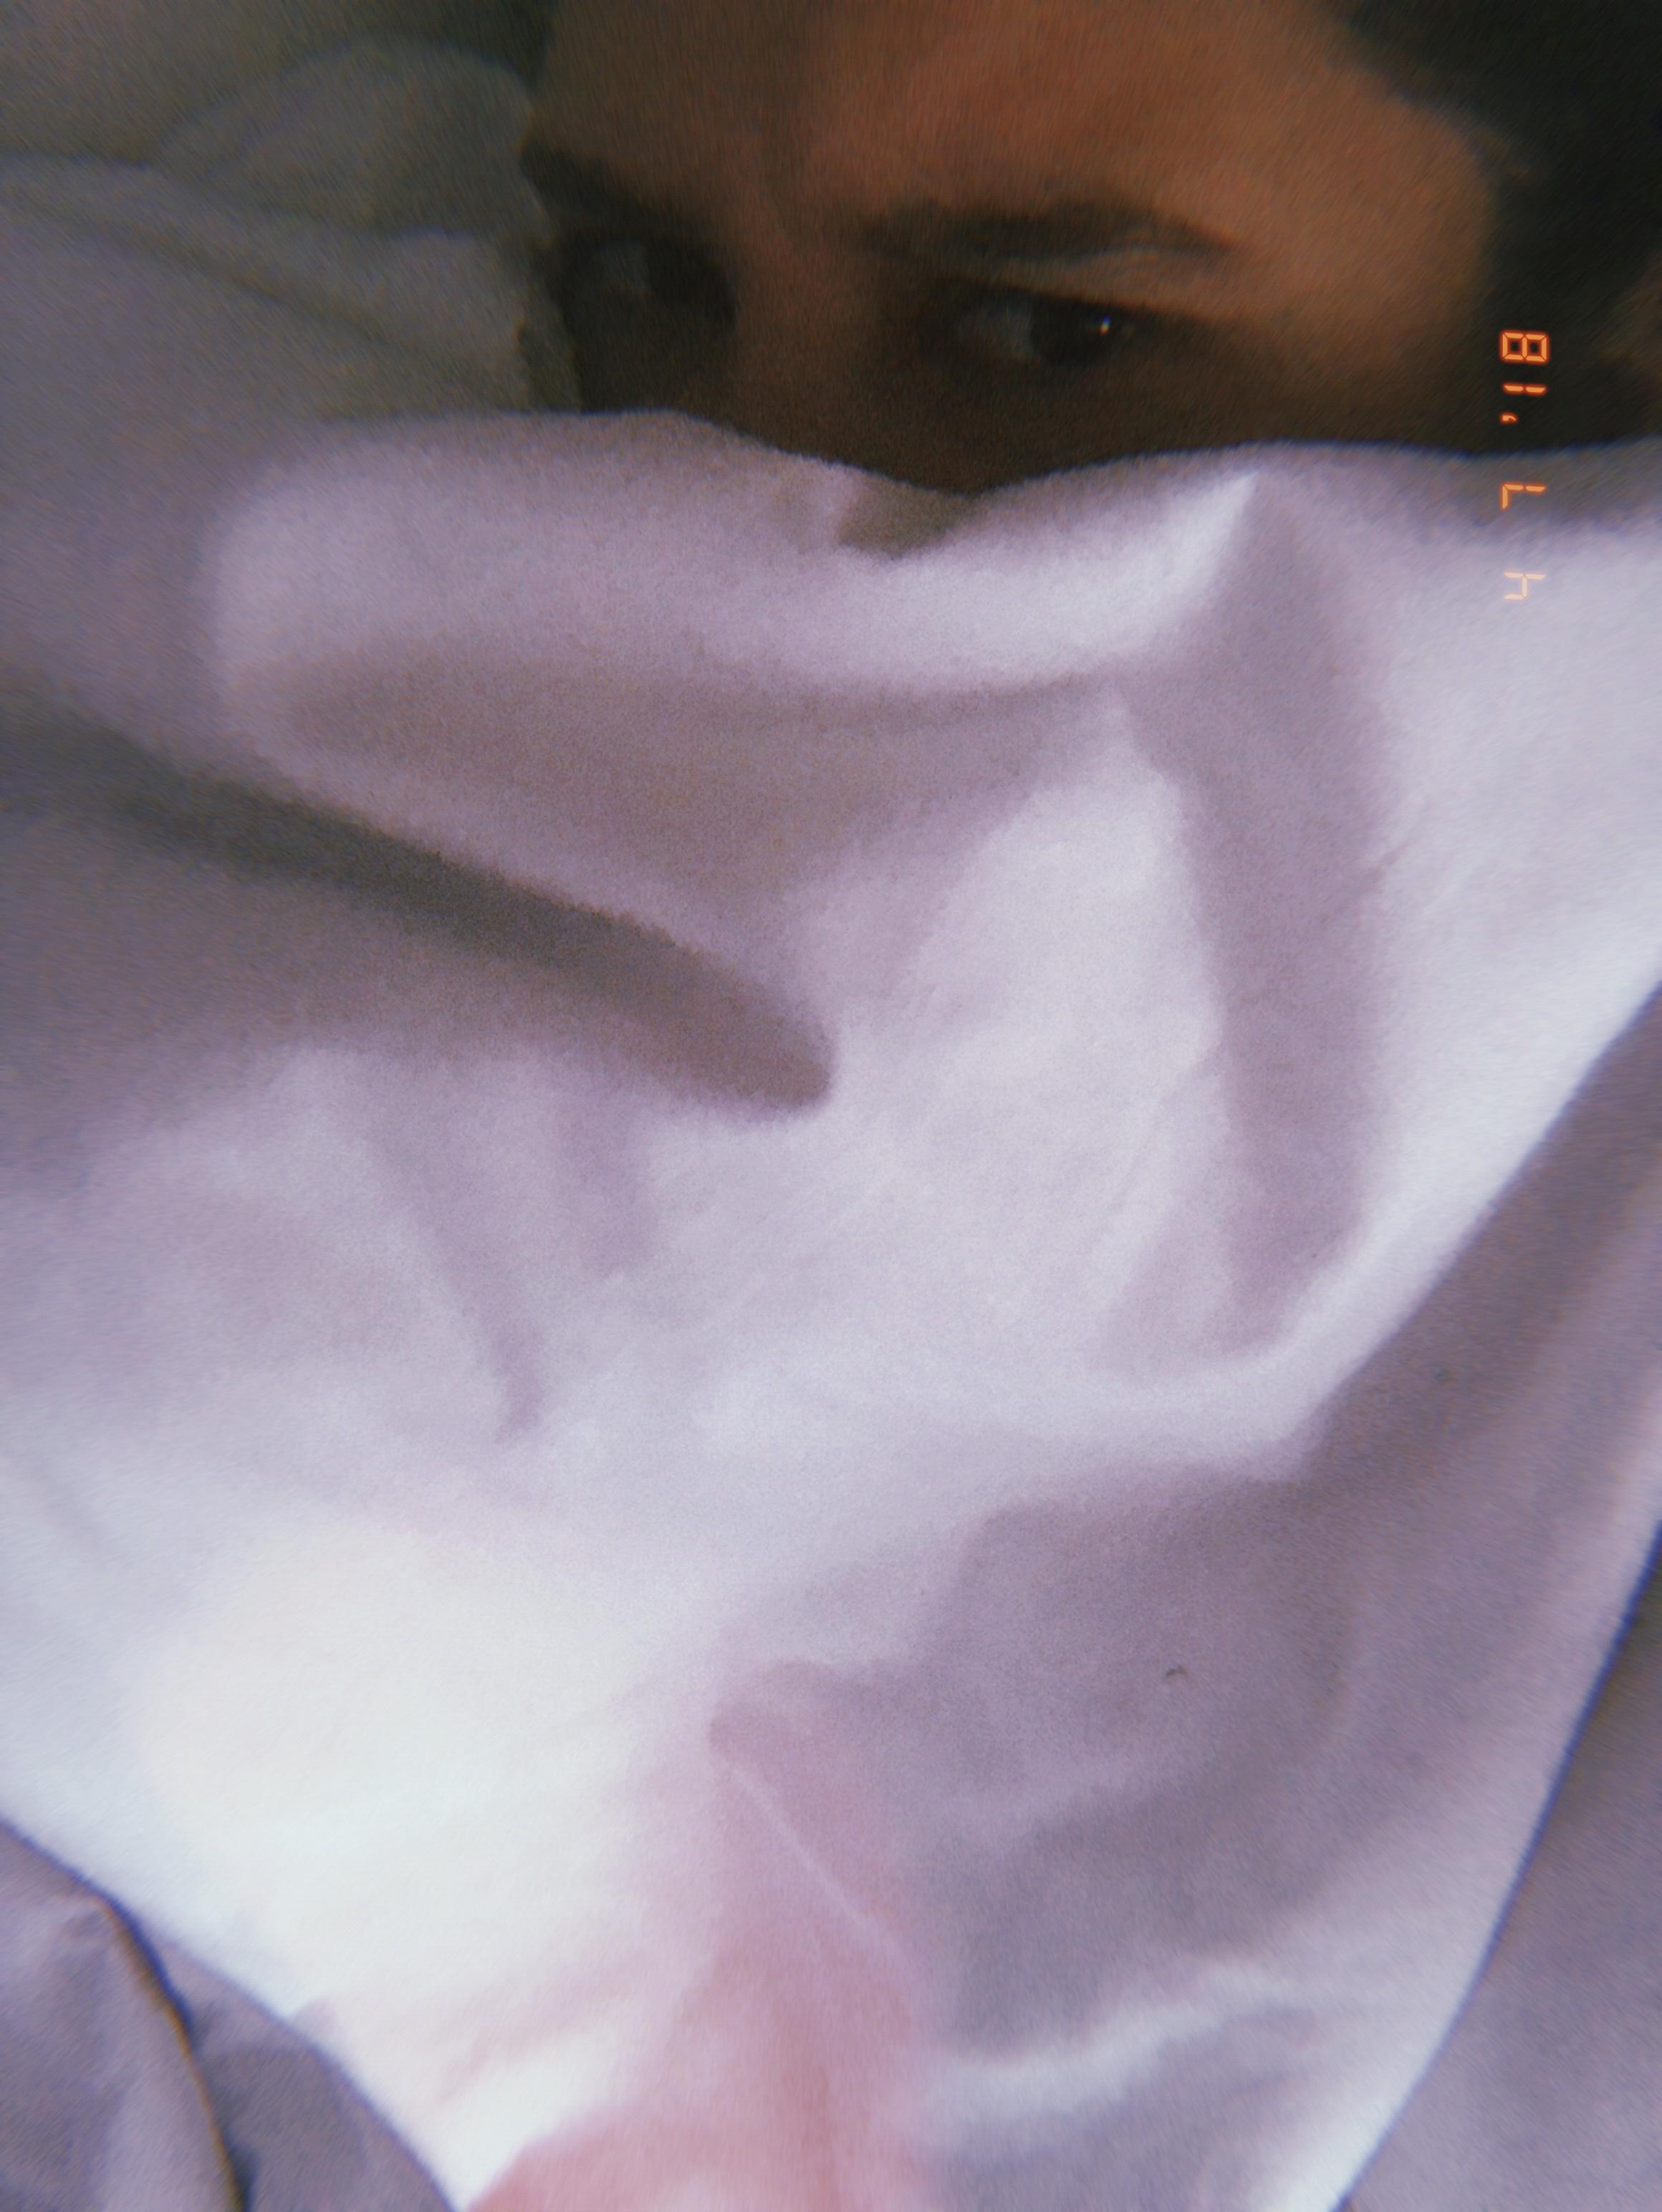 2018-04-07 10:40:52.537.jpg